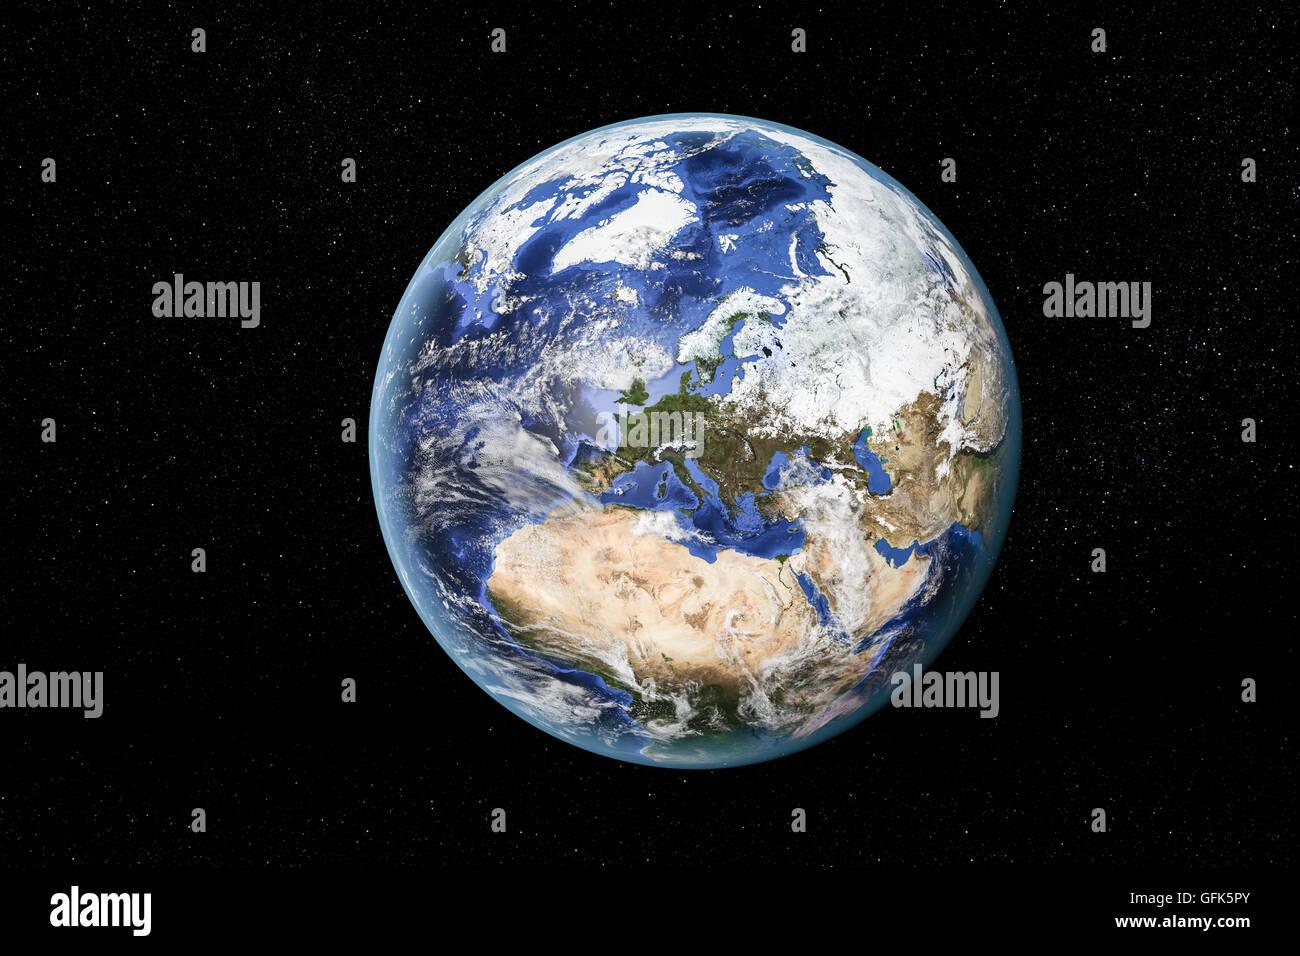 Detaillierte Ansicht der Erde aus dem Weltraum, zeigt im Nahen Osten, Nordafrika und Europa. Elemente dieses Bildes, Stockbild